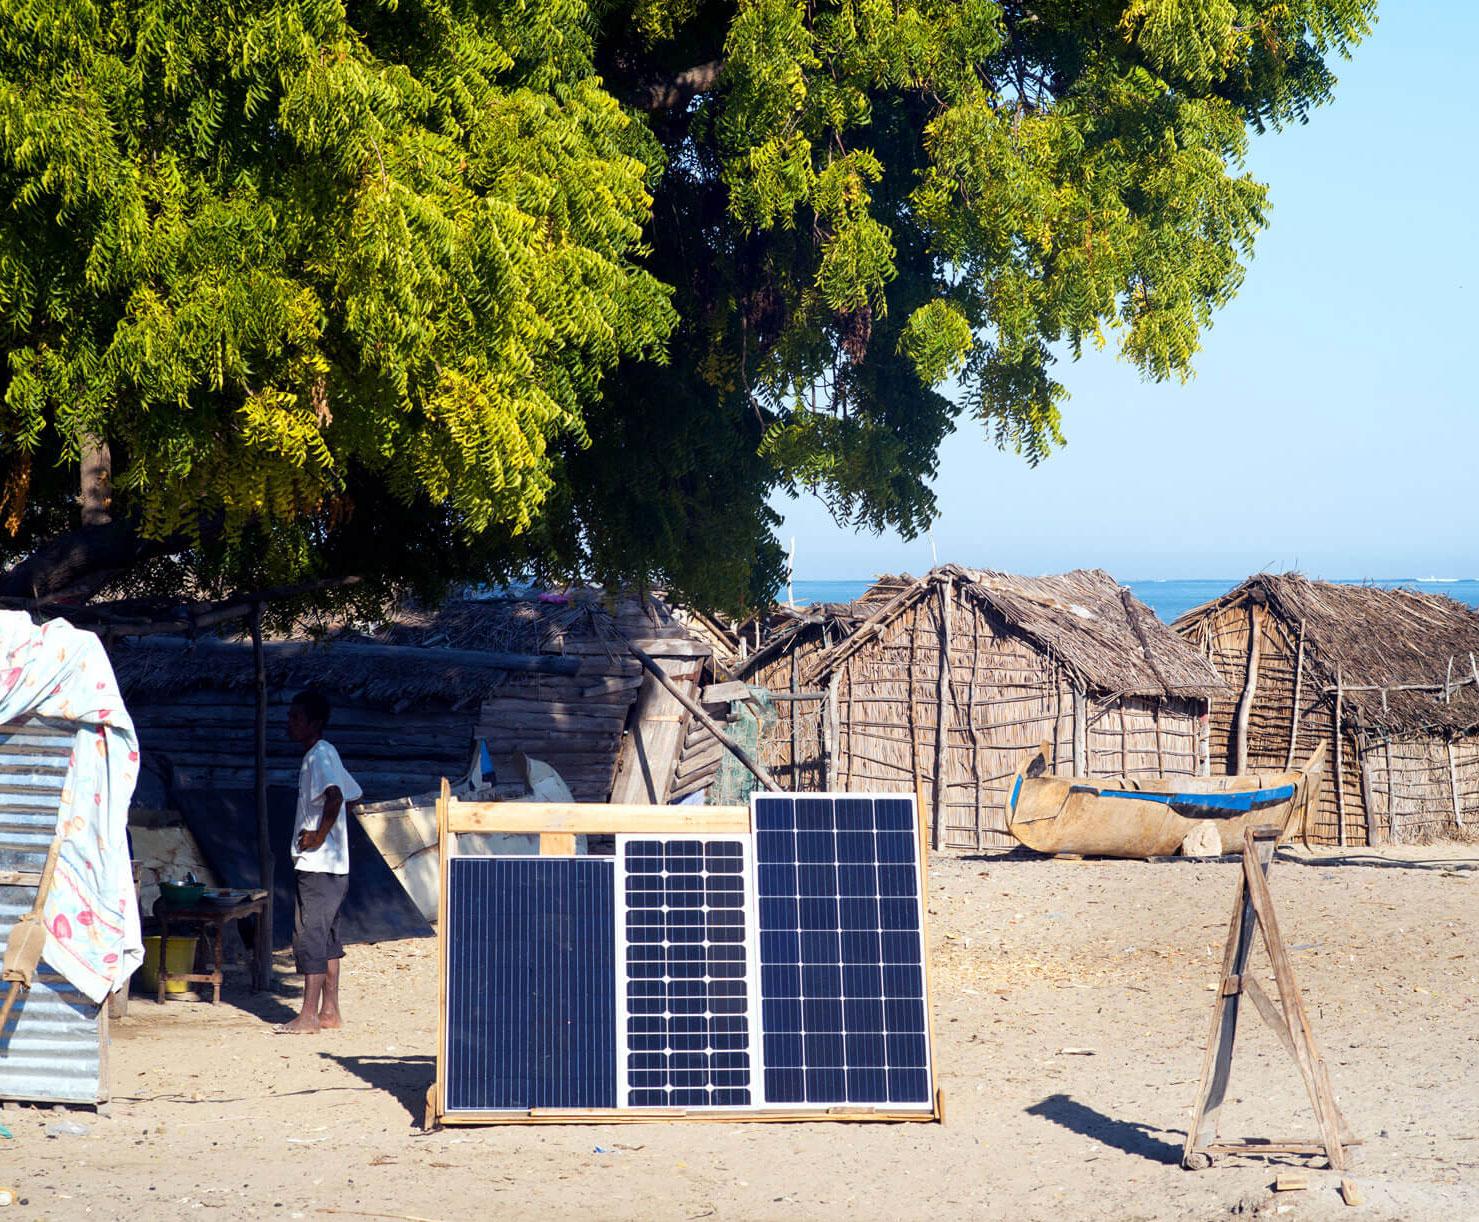 Solaron extended lifespan